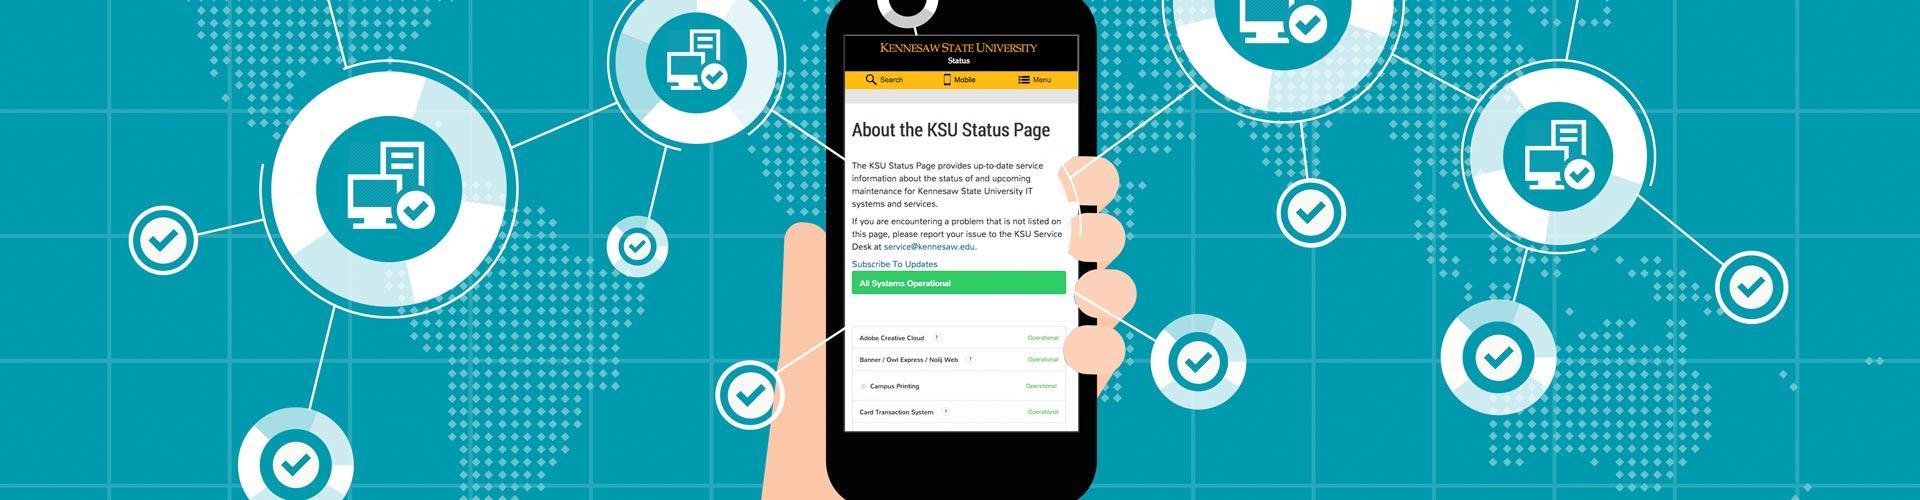 KSU Status Page